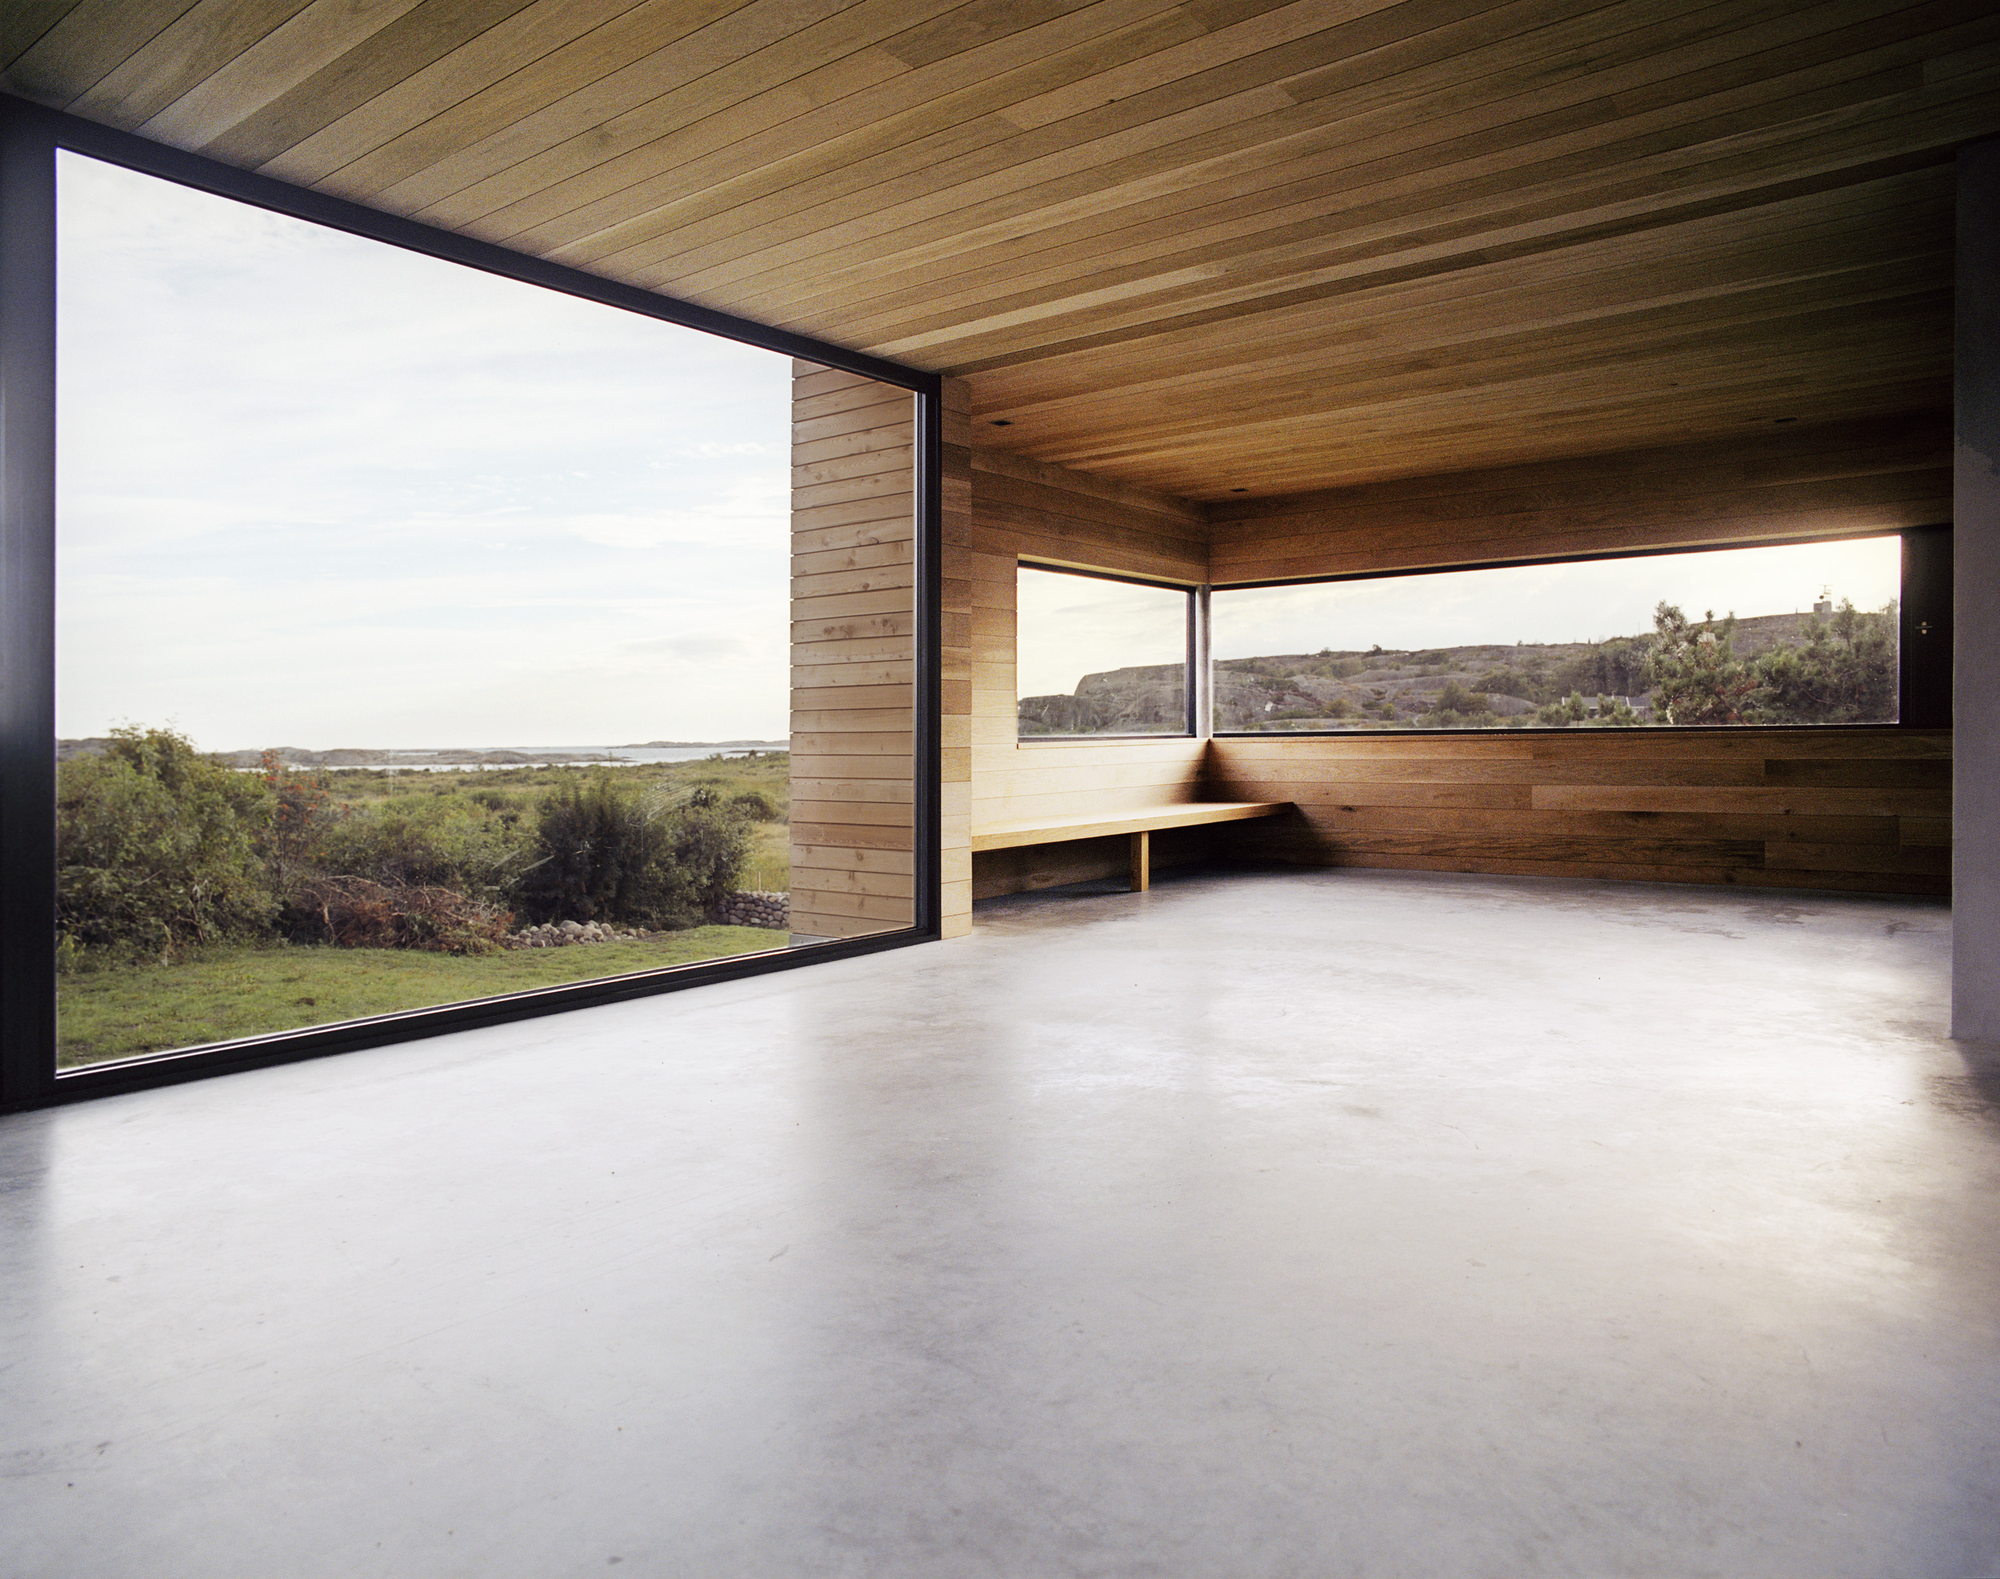 Summerhouse / Marianne Borge + Kjetil Saeterdal